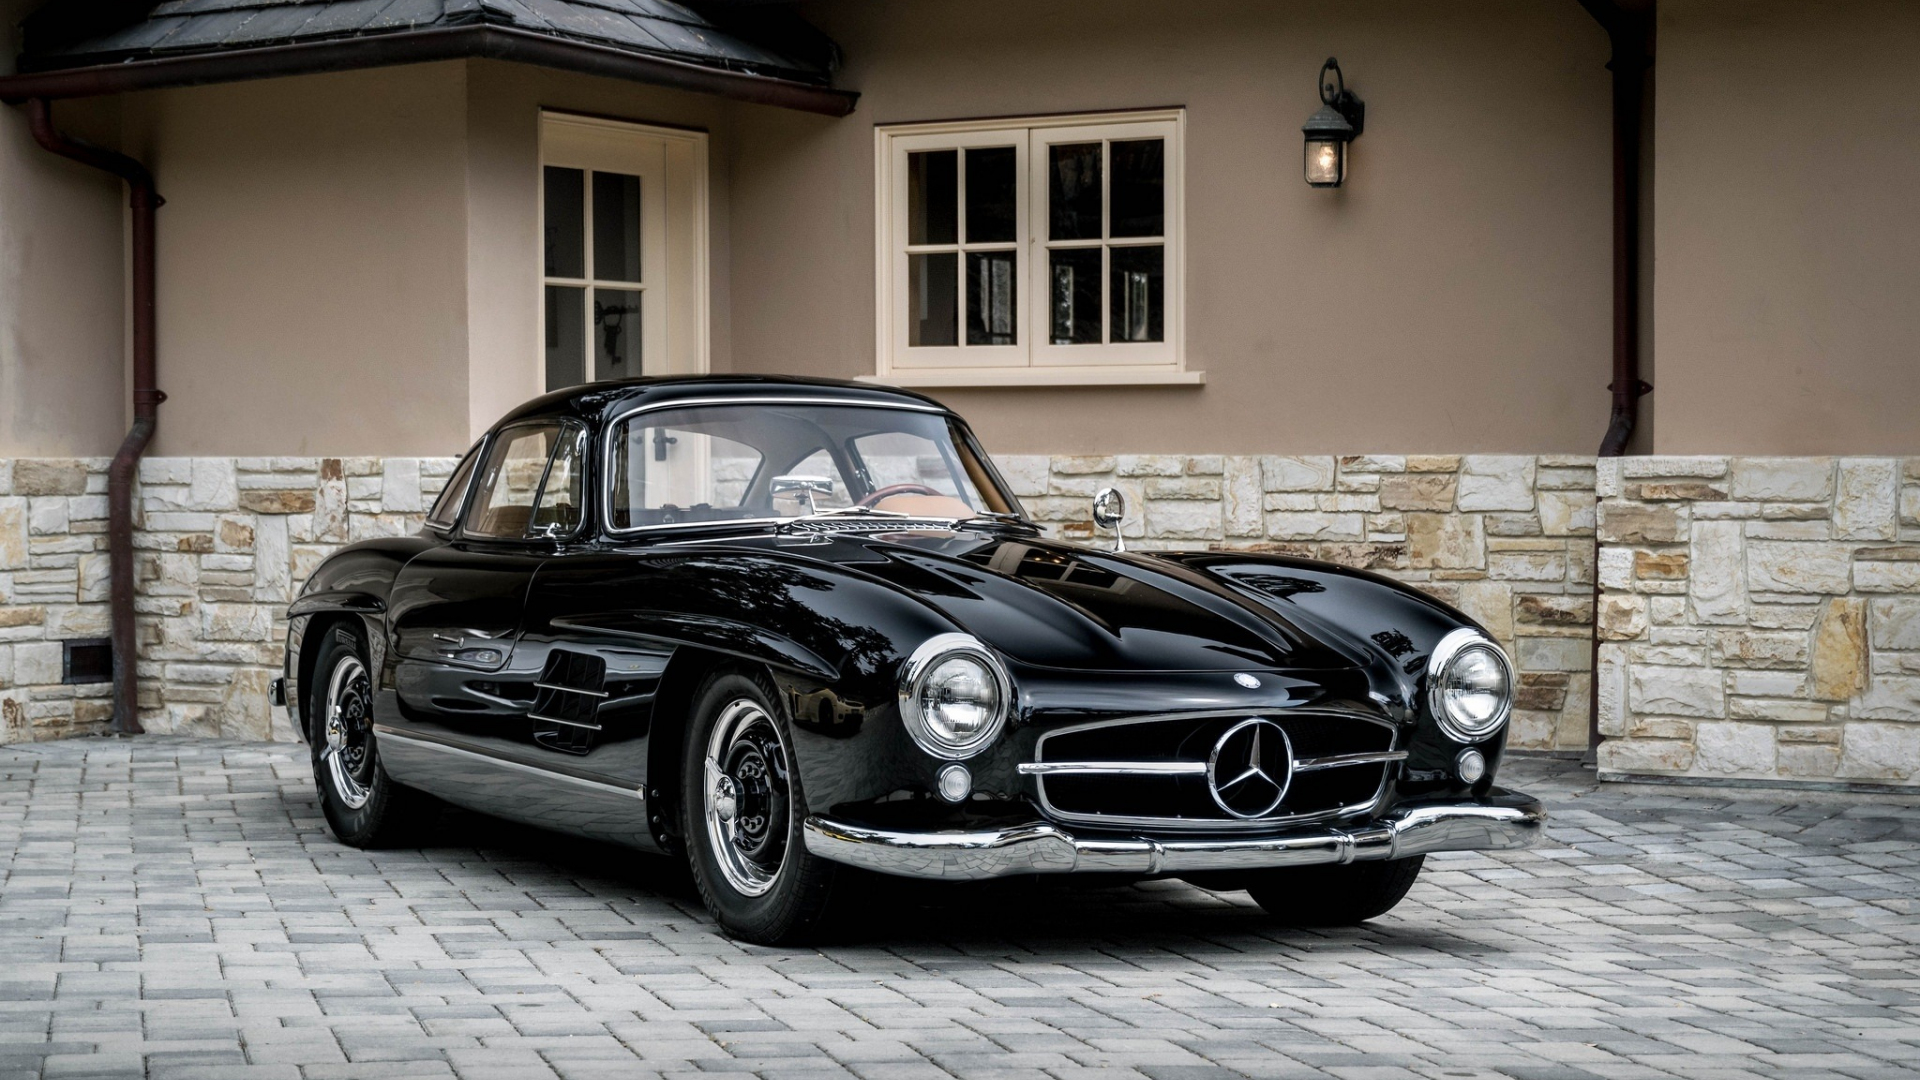 Download 1920x1080 Wallpaper Black Classic Mercedes Benz